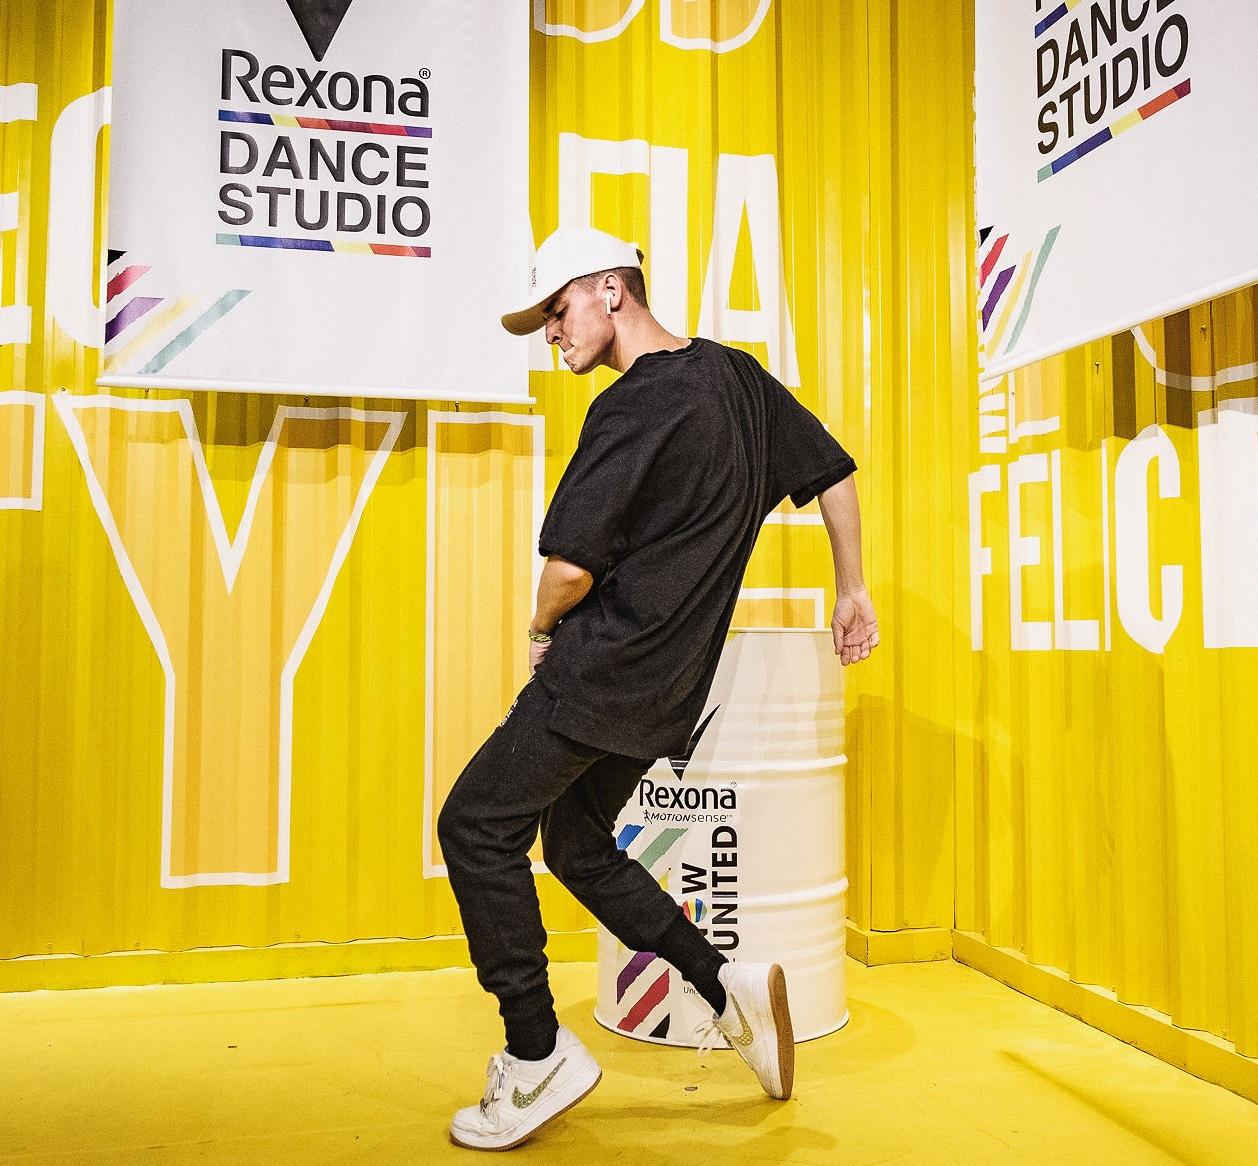 Rexona Dance Studio Josh